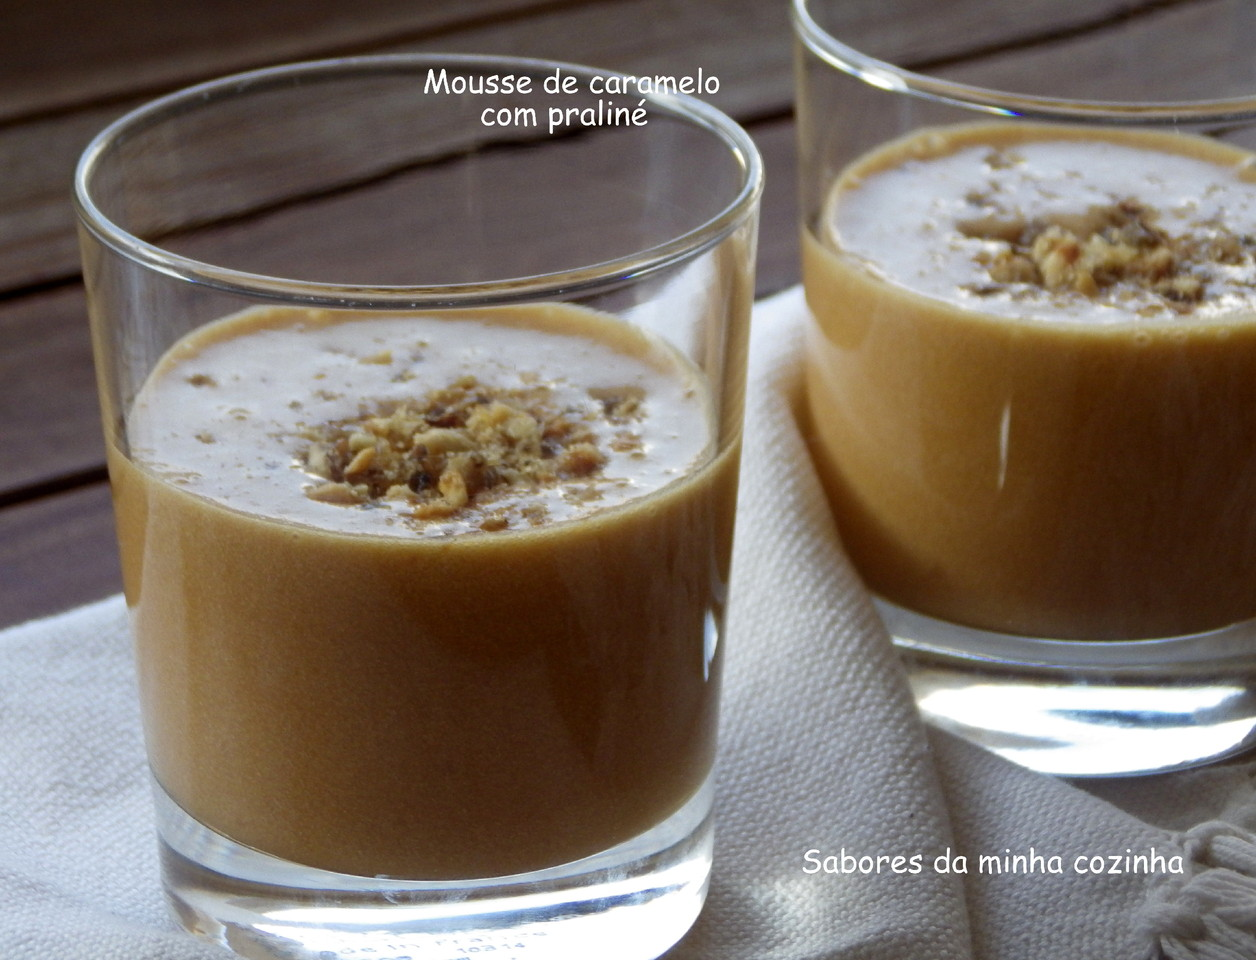 IMGP5709-Mousse de caramelo com praliné-Blog.JPG